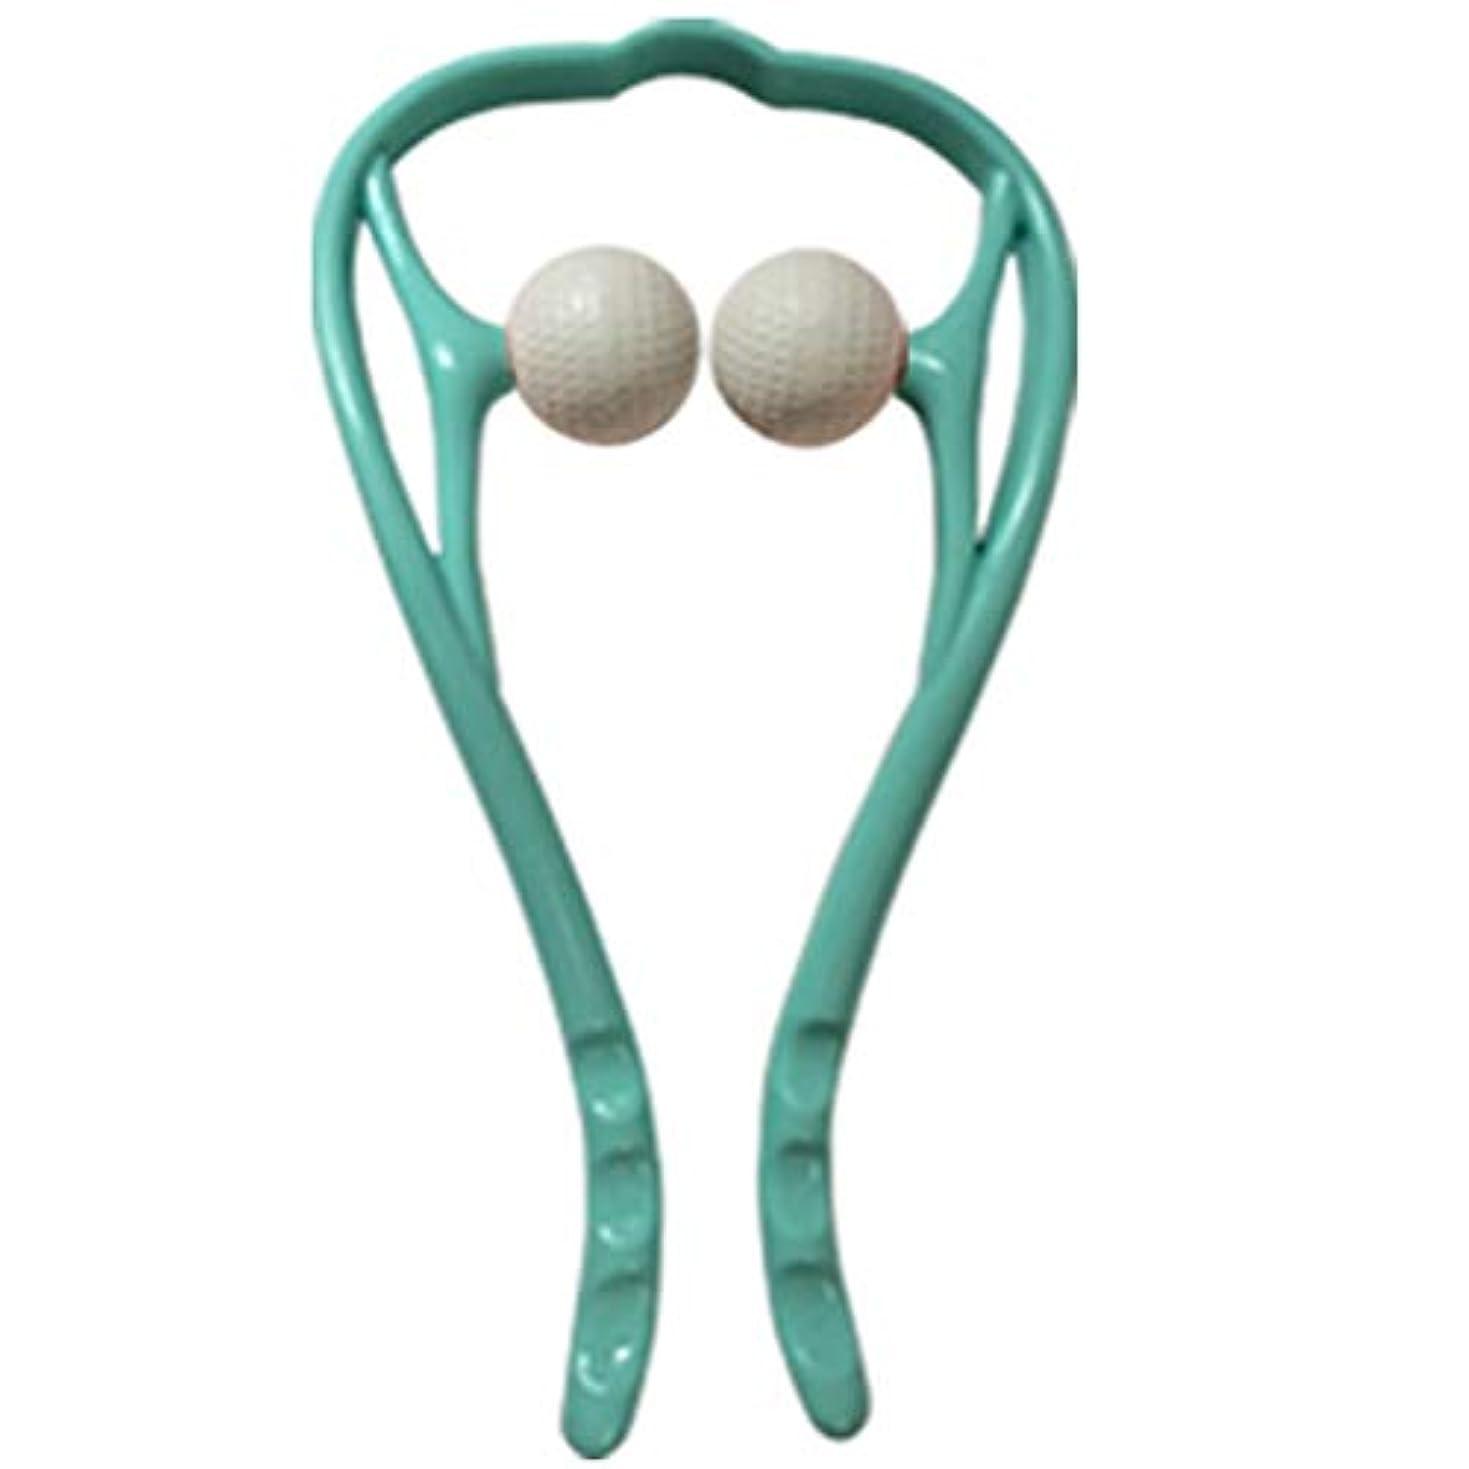 コショウ普通の数値手動首のマッサージャーの球の頚部U字型ハンドルの圧力点のマッサージャー手動自己筋肉マッサージ,Blue